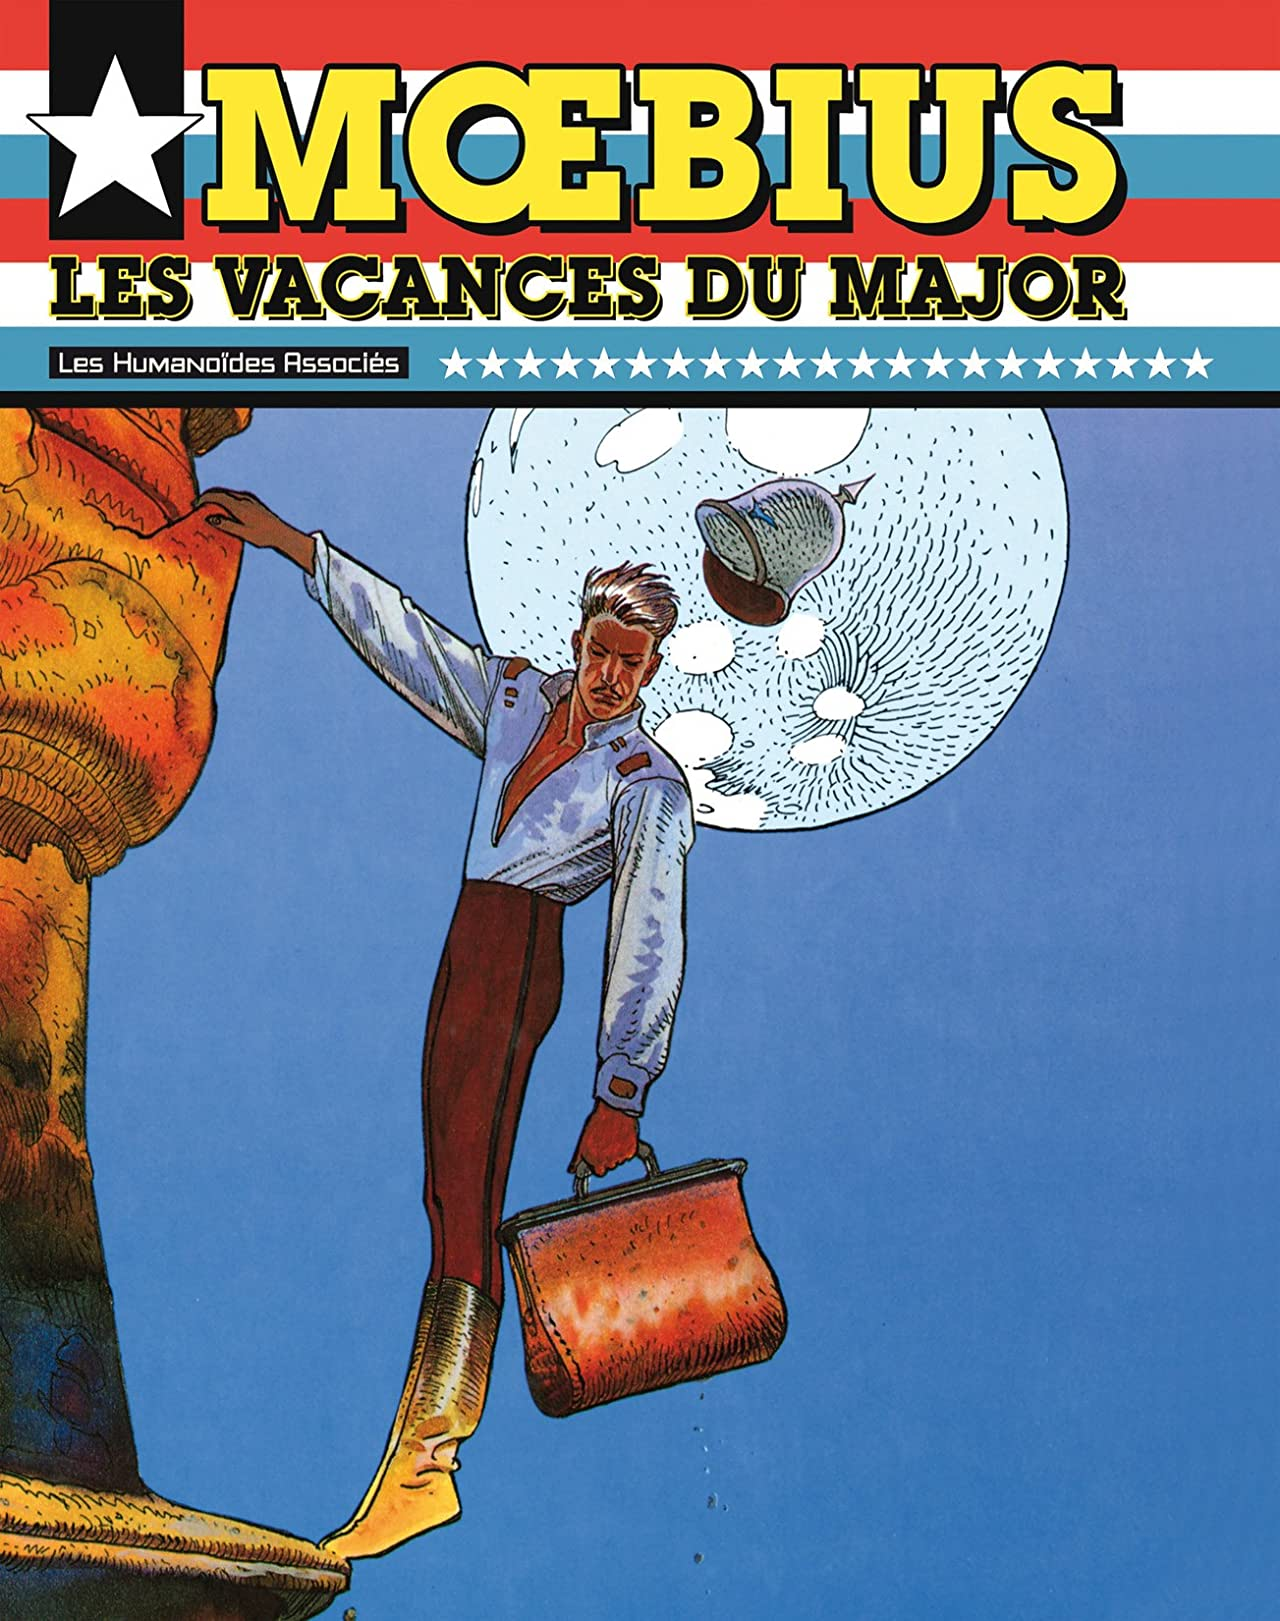 Moebius Oeuvres: Les Vacances du Major USA